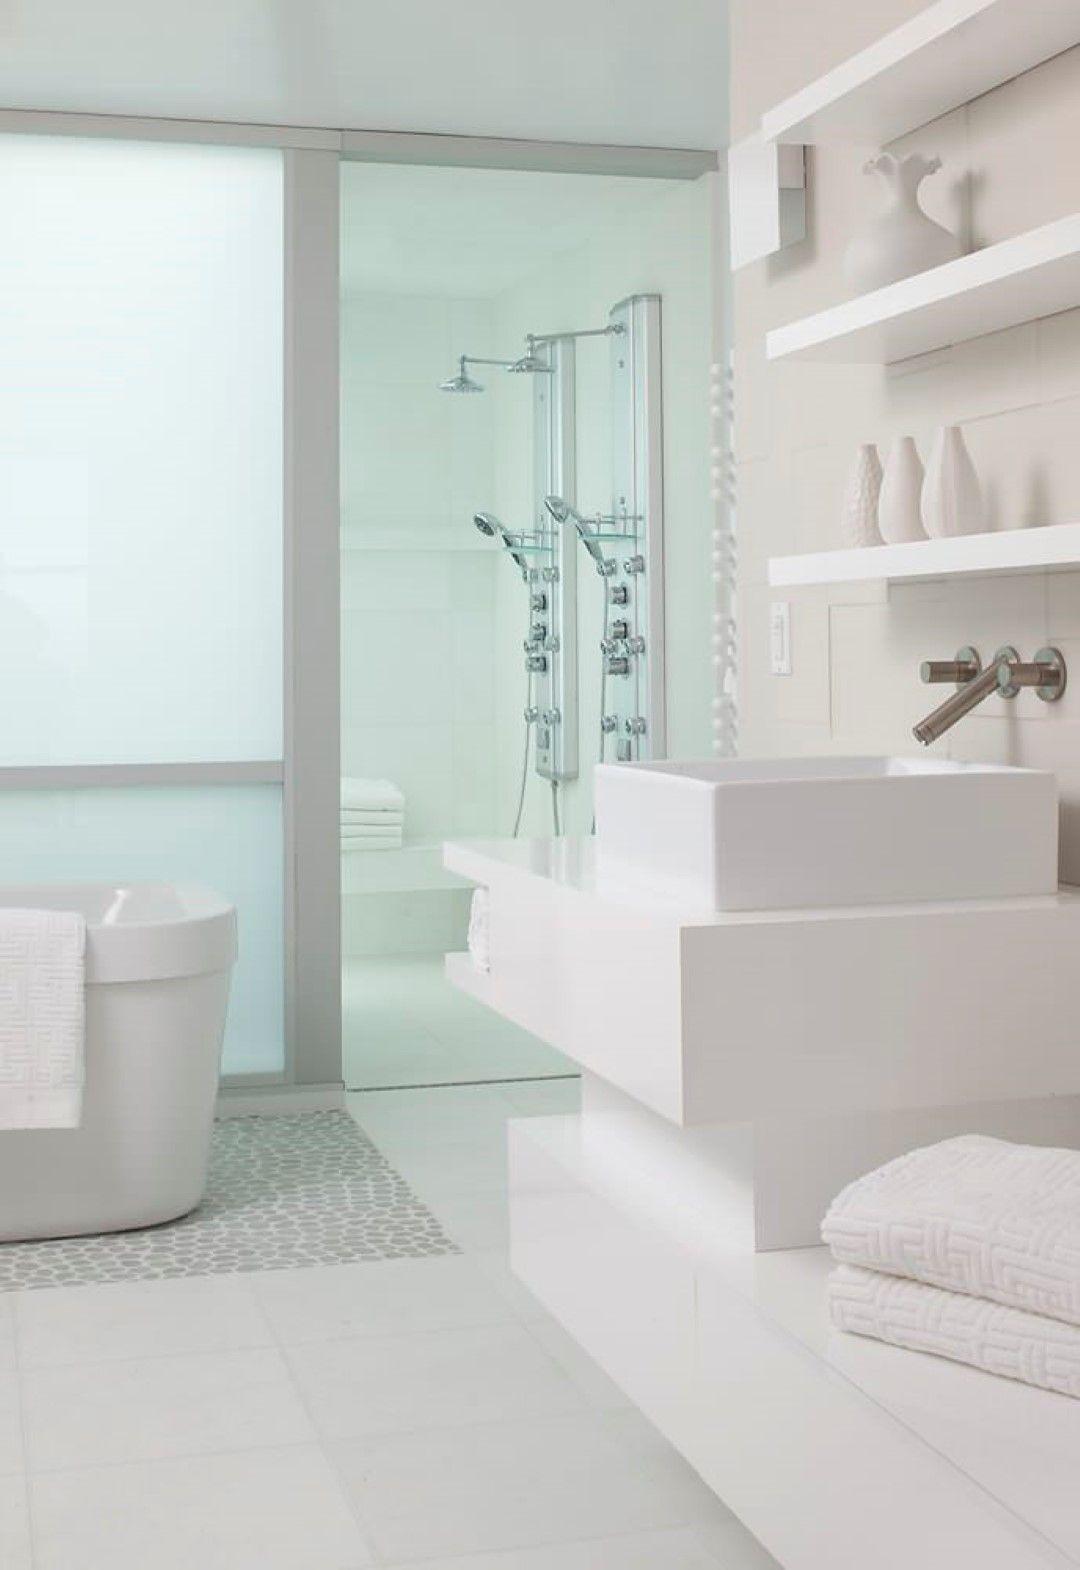 Delta Moderne Dusche Mount Handbrause Weiss Chicago Schwimmenden Wand Regal Blanco Plus Modernes Badezimmerdesign Badezimmer Design Badezimmer Innenausstattung